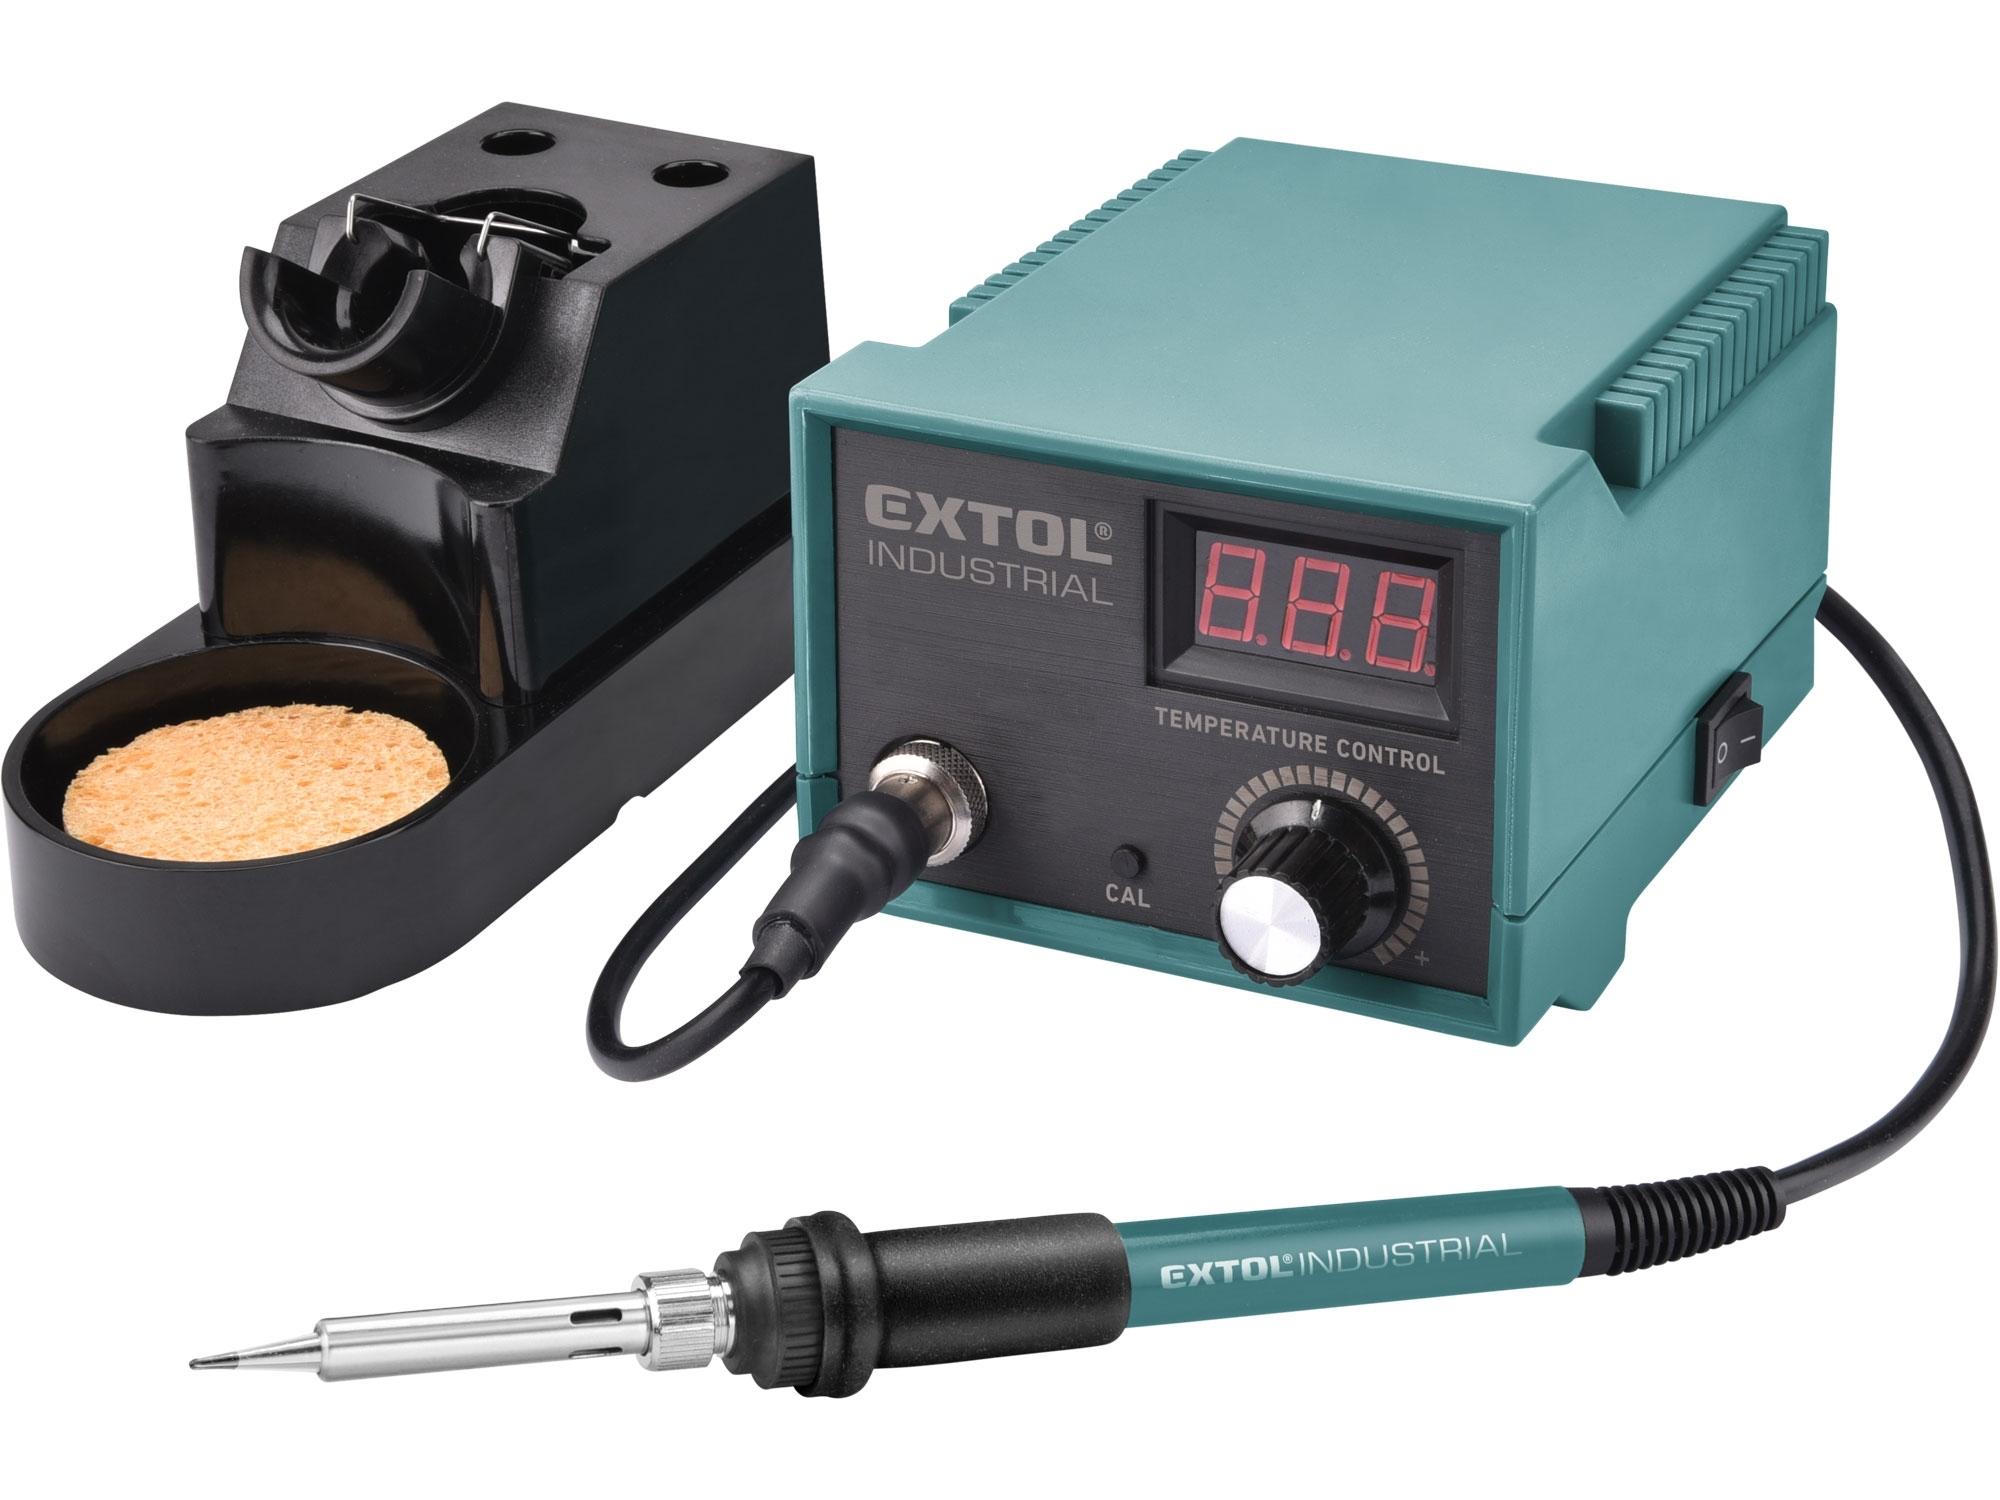 stanice pájecí s LCD a elektronickou regulací teploty a kalibrací